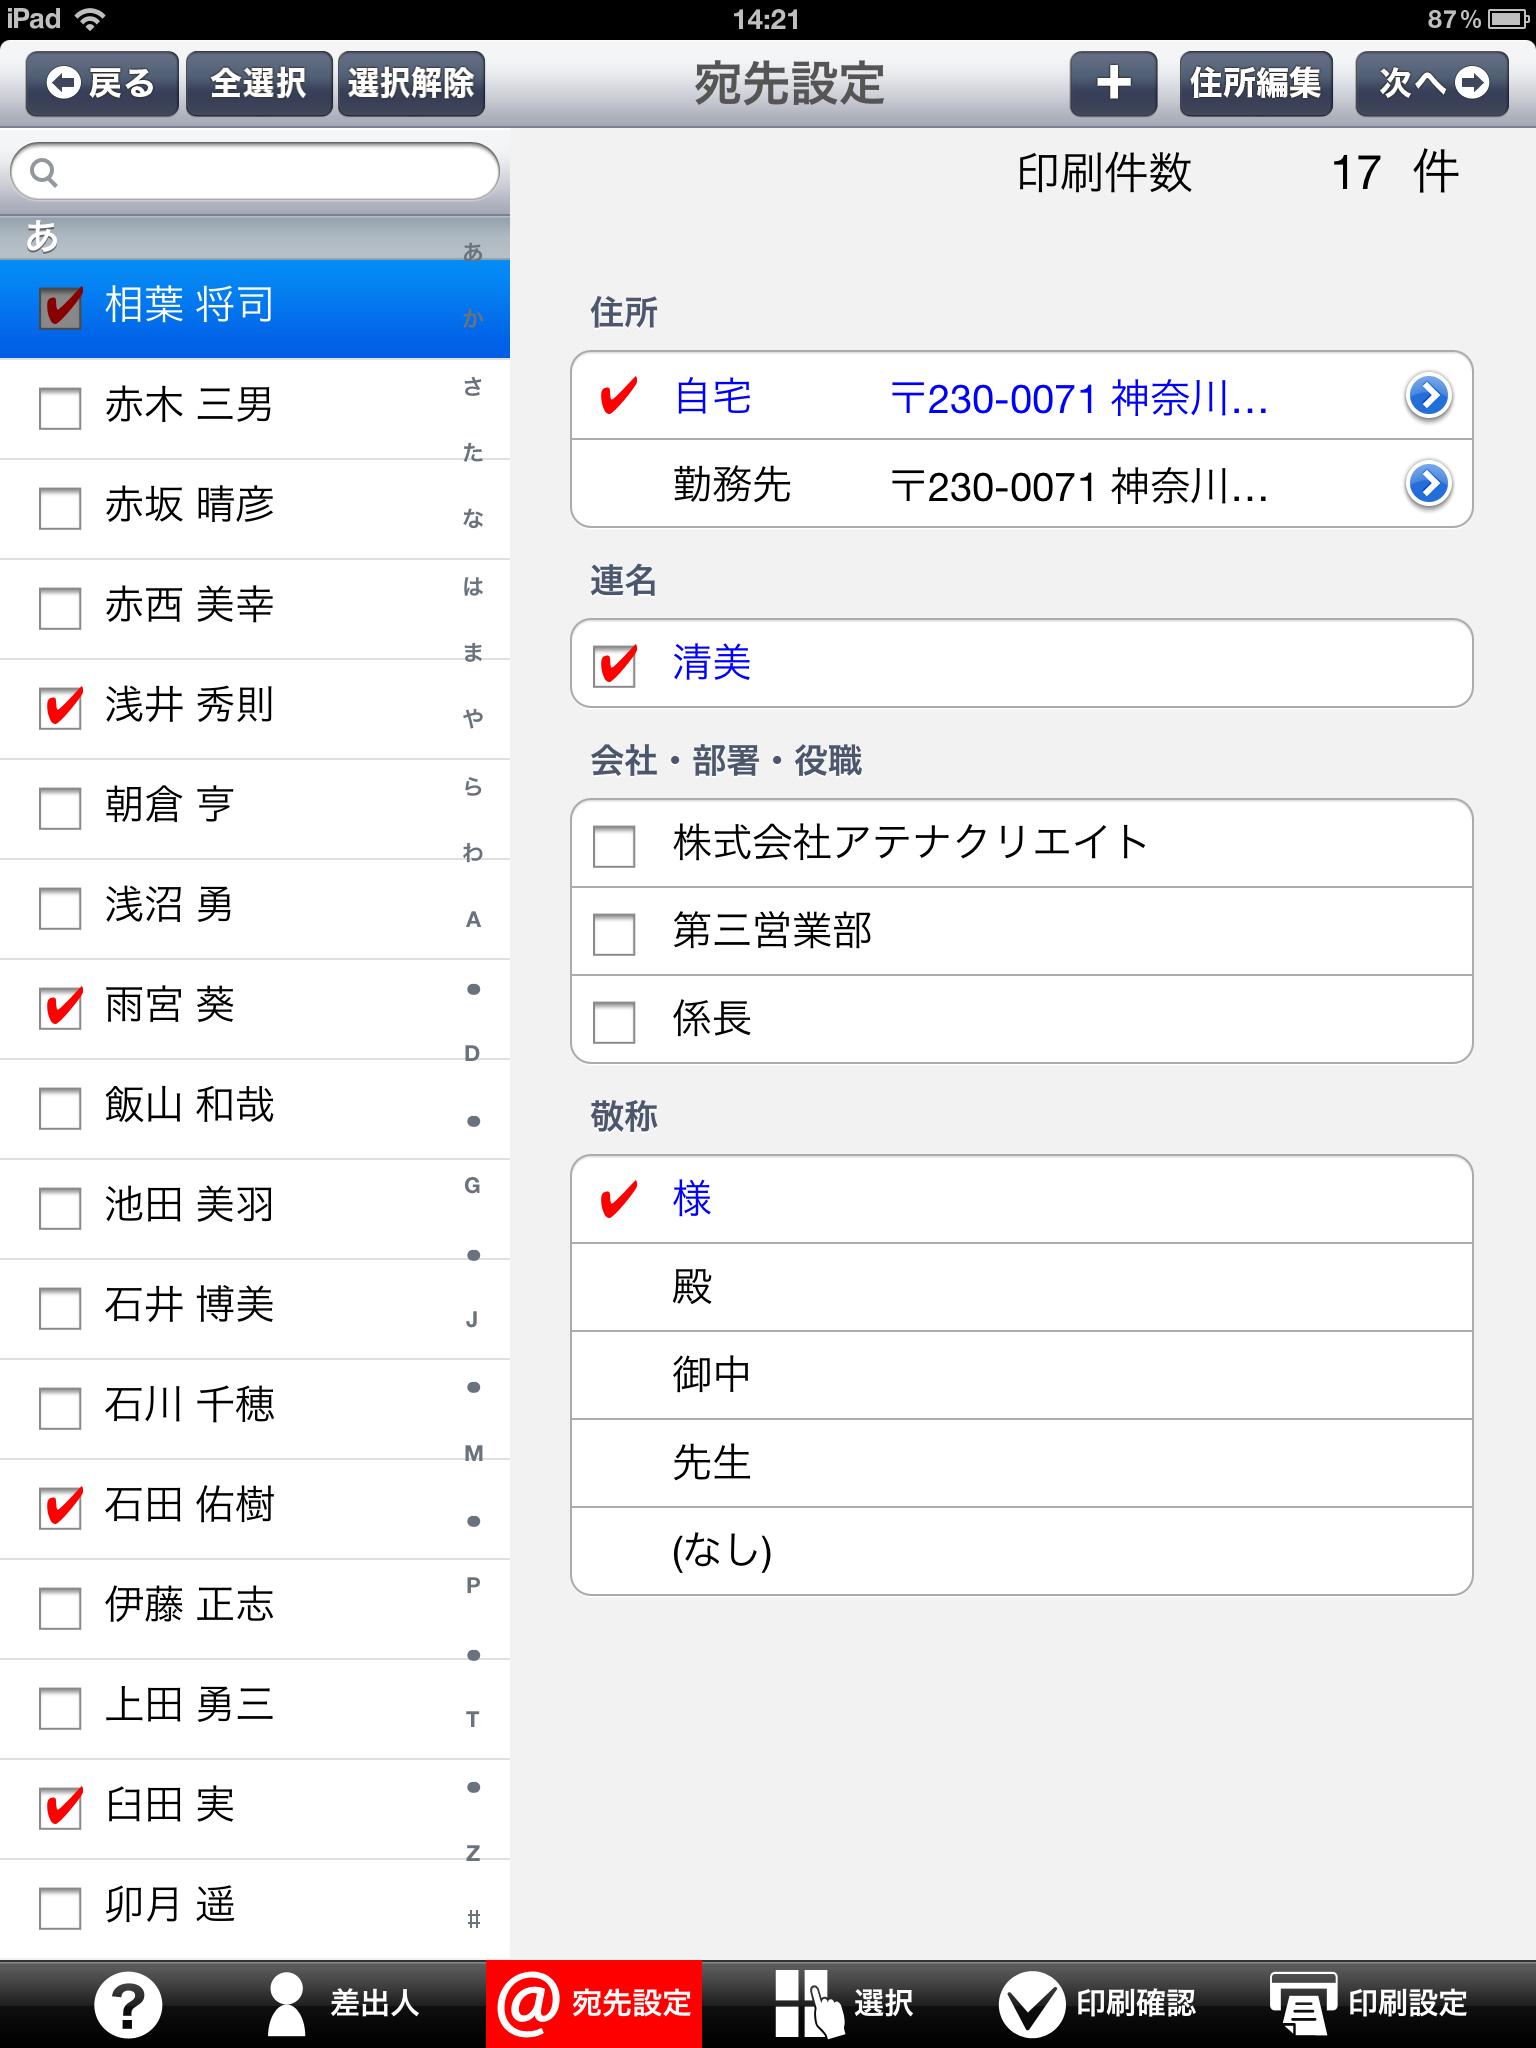 宛先はiPadの標準アプリ「連絡先」から読み込み、ここで編集すると自動的に「連絡先」に反映される